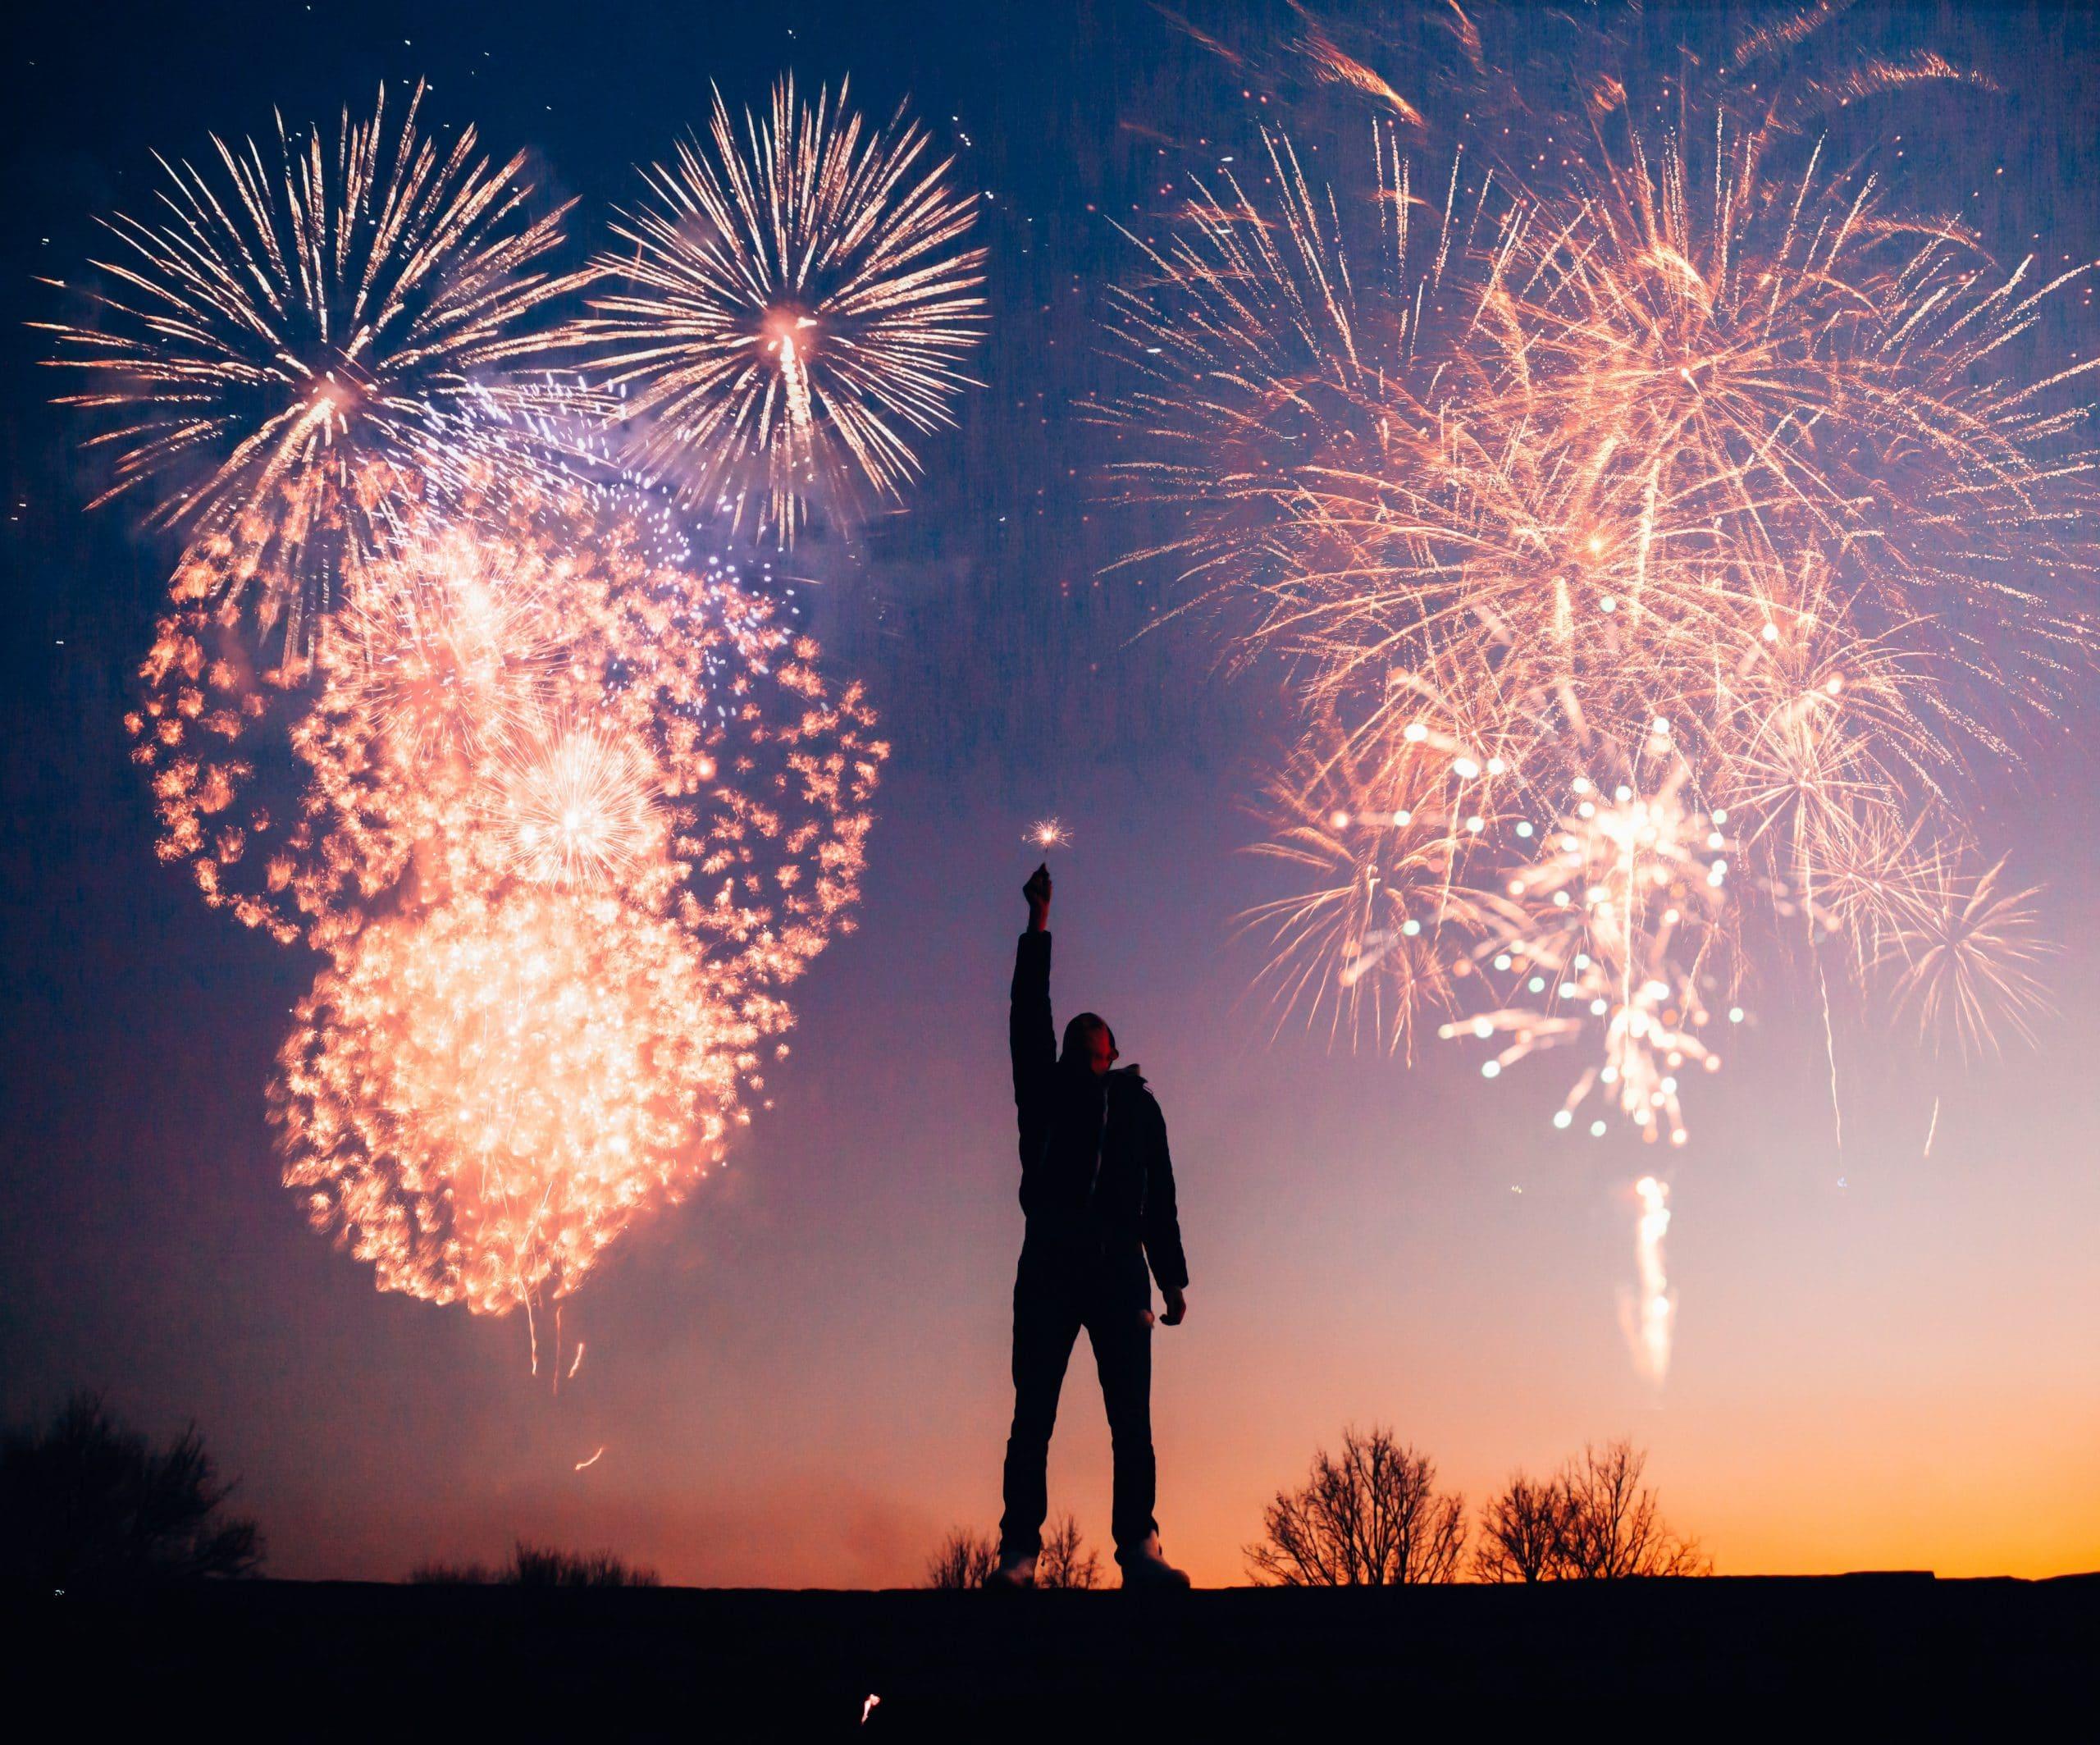 Homem no meio de duas explosões de fogos de artifícios. Ele está com o braço levantado.